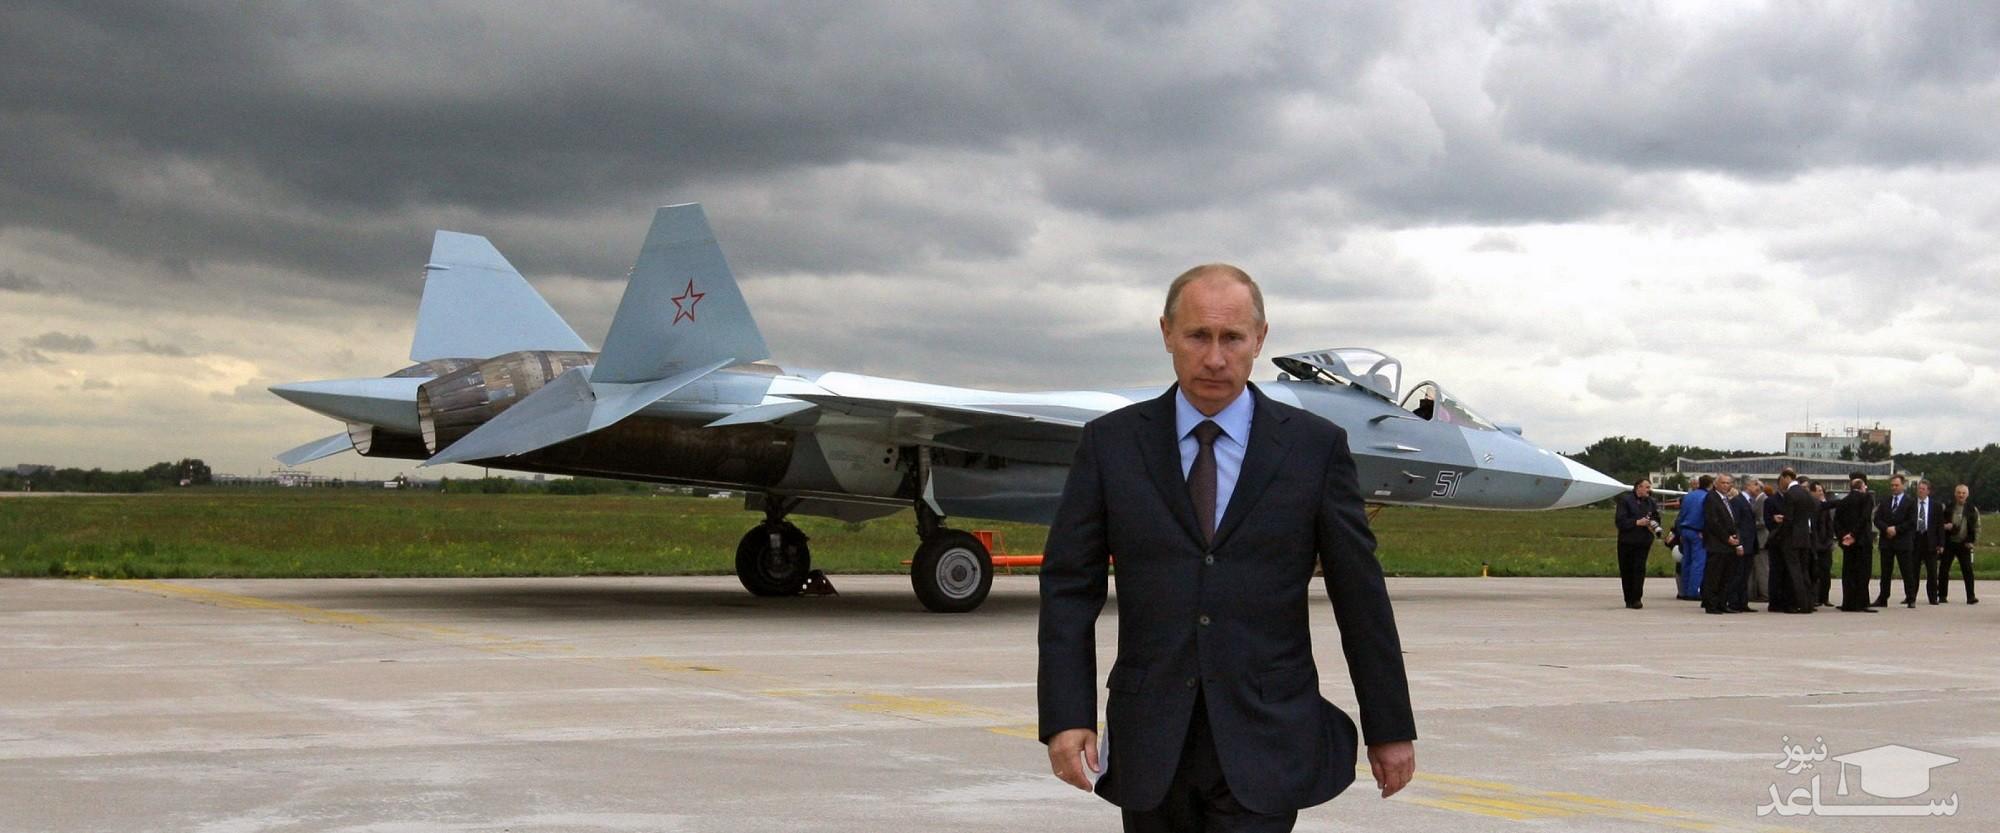 توافق تهران و مسکو برای پرواز بر فراز آسمان ایران